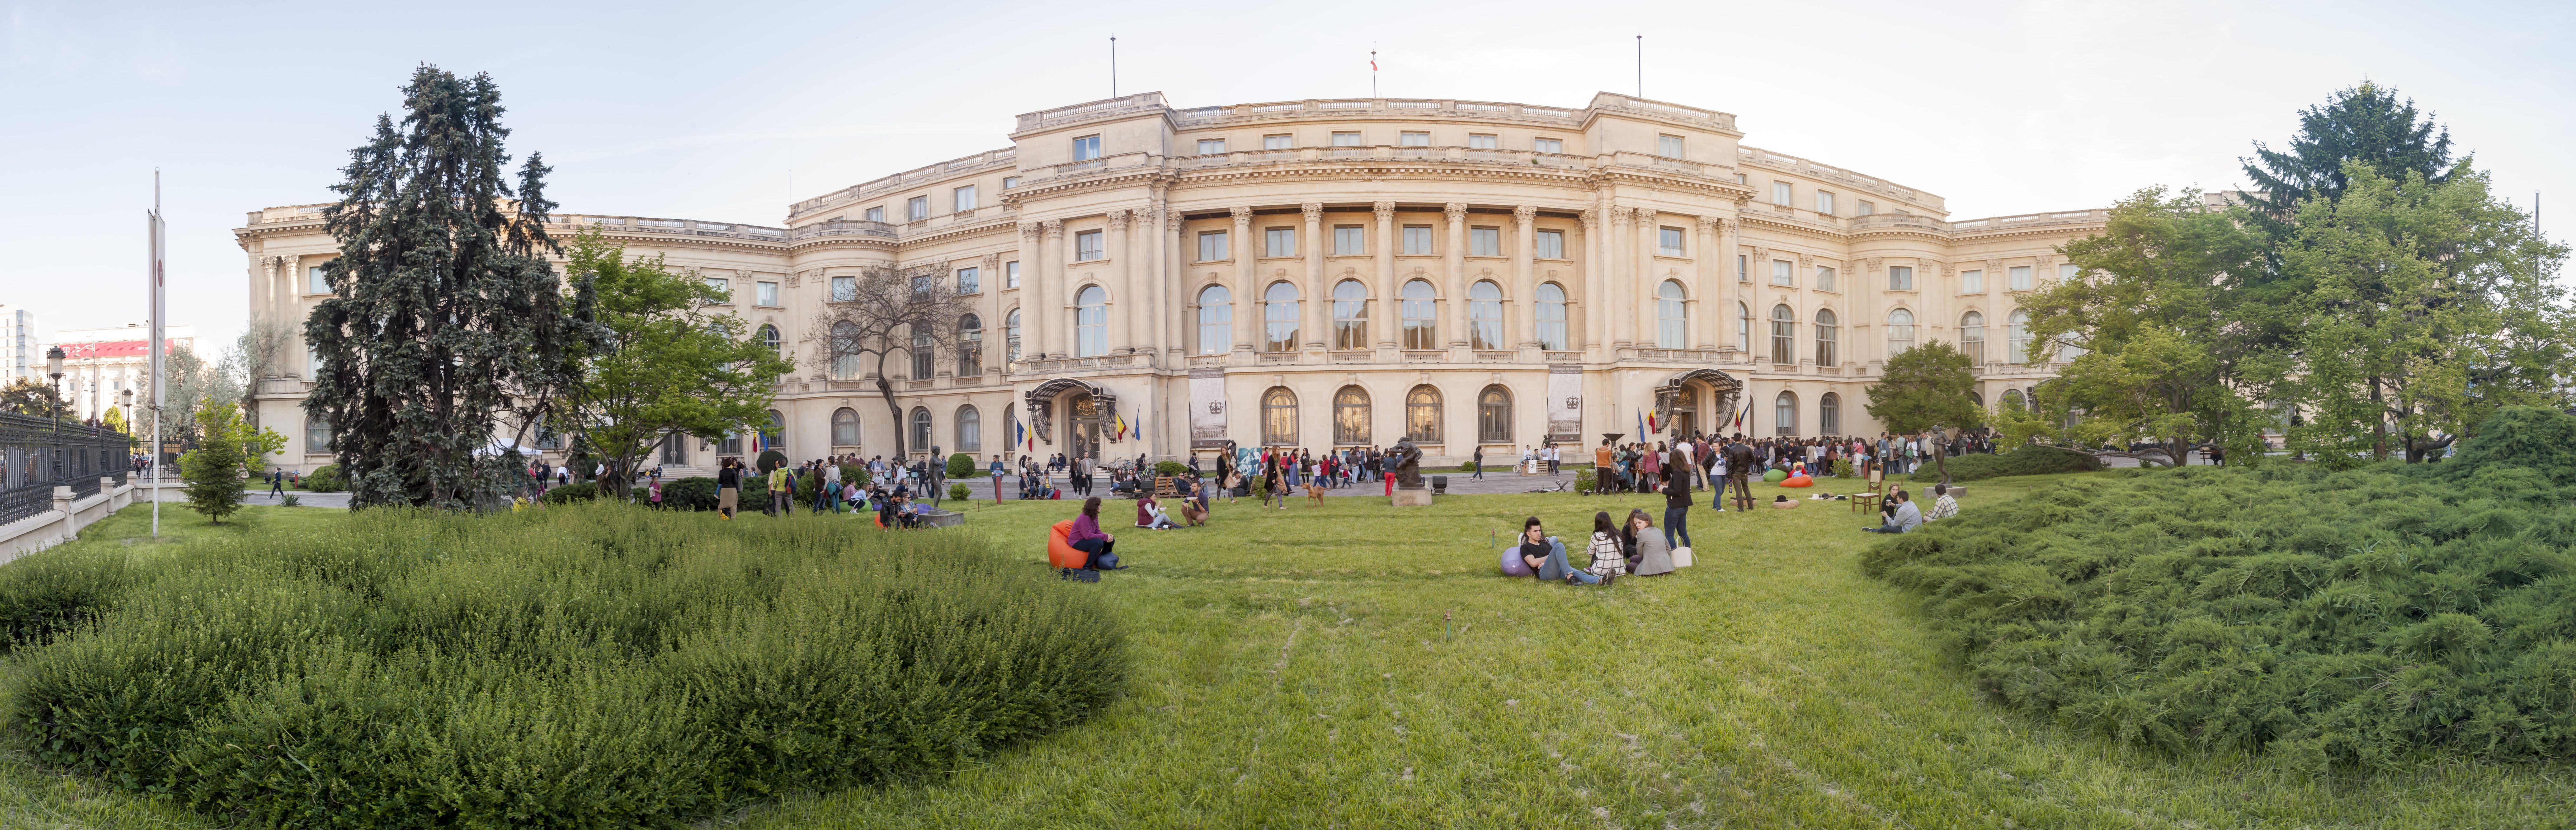 Muzeul National de Artă al României afiș